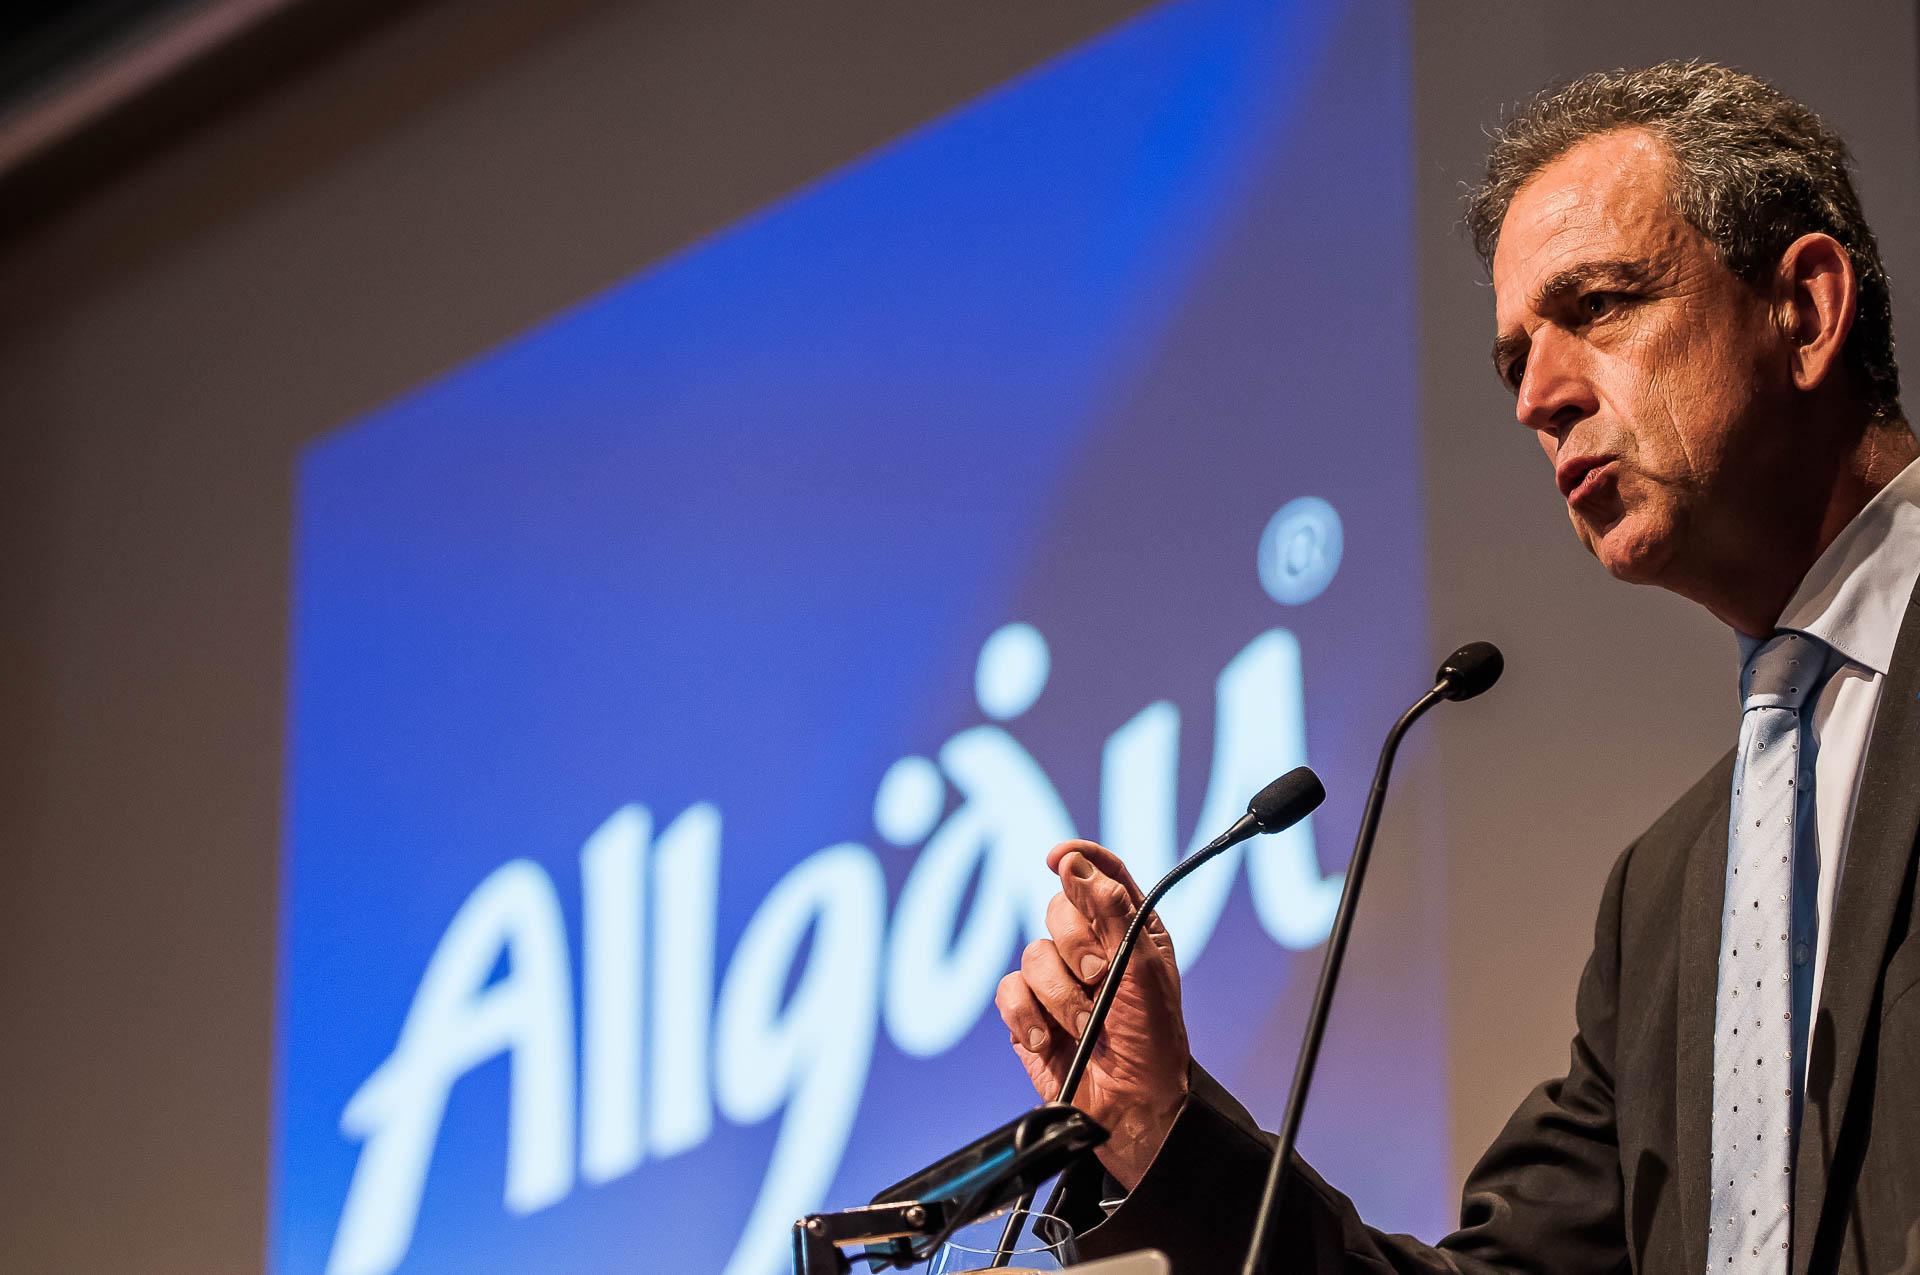 Allgäu Forum